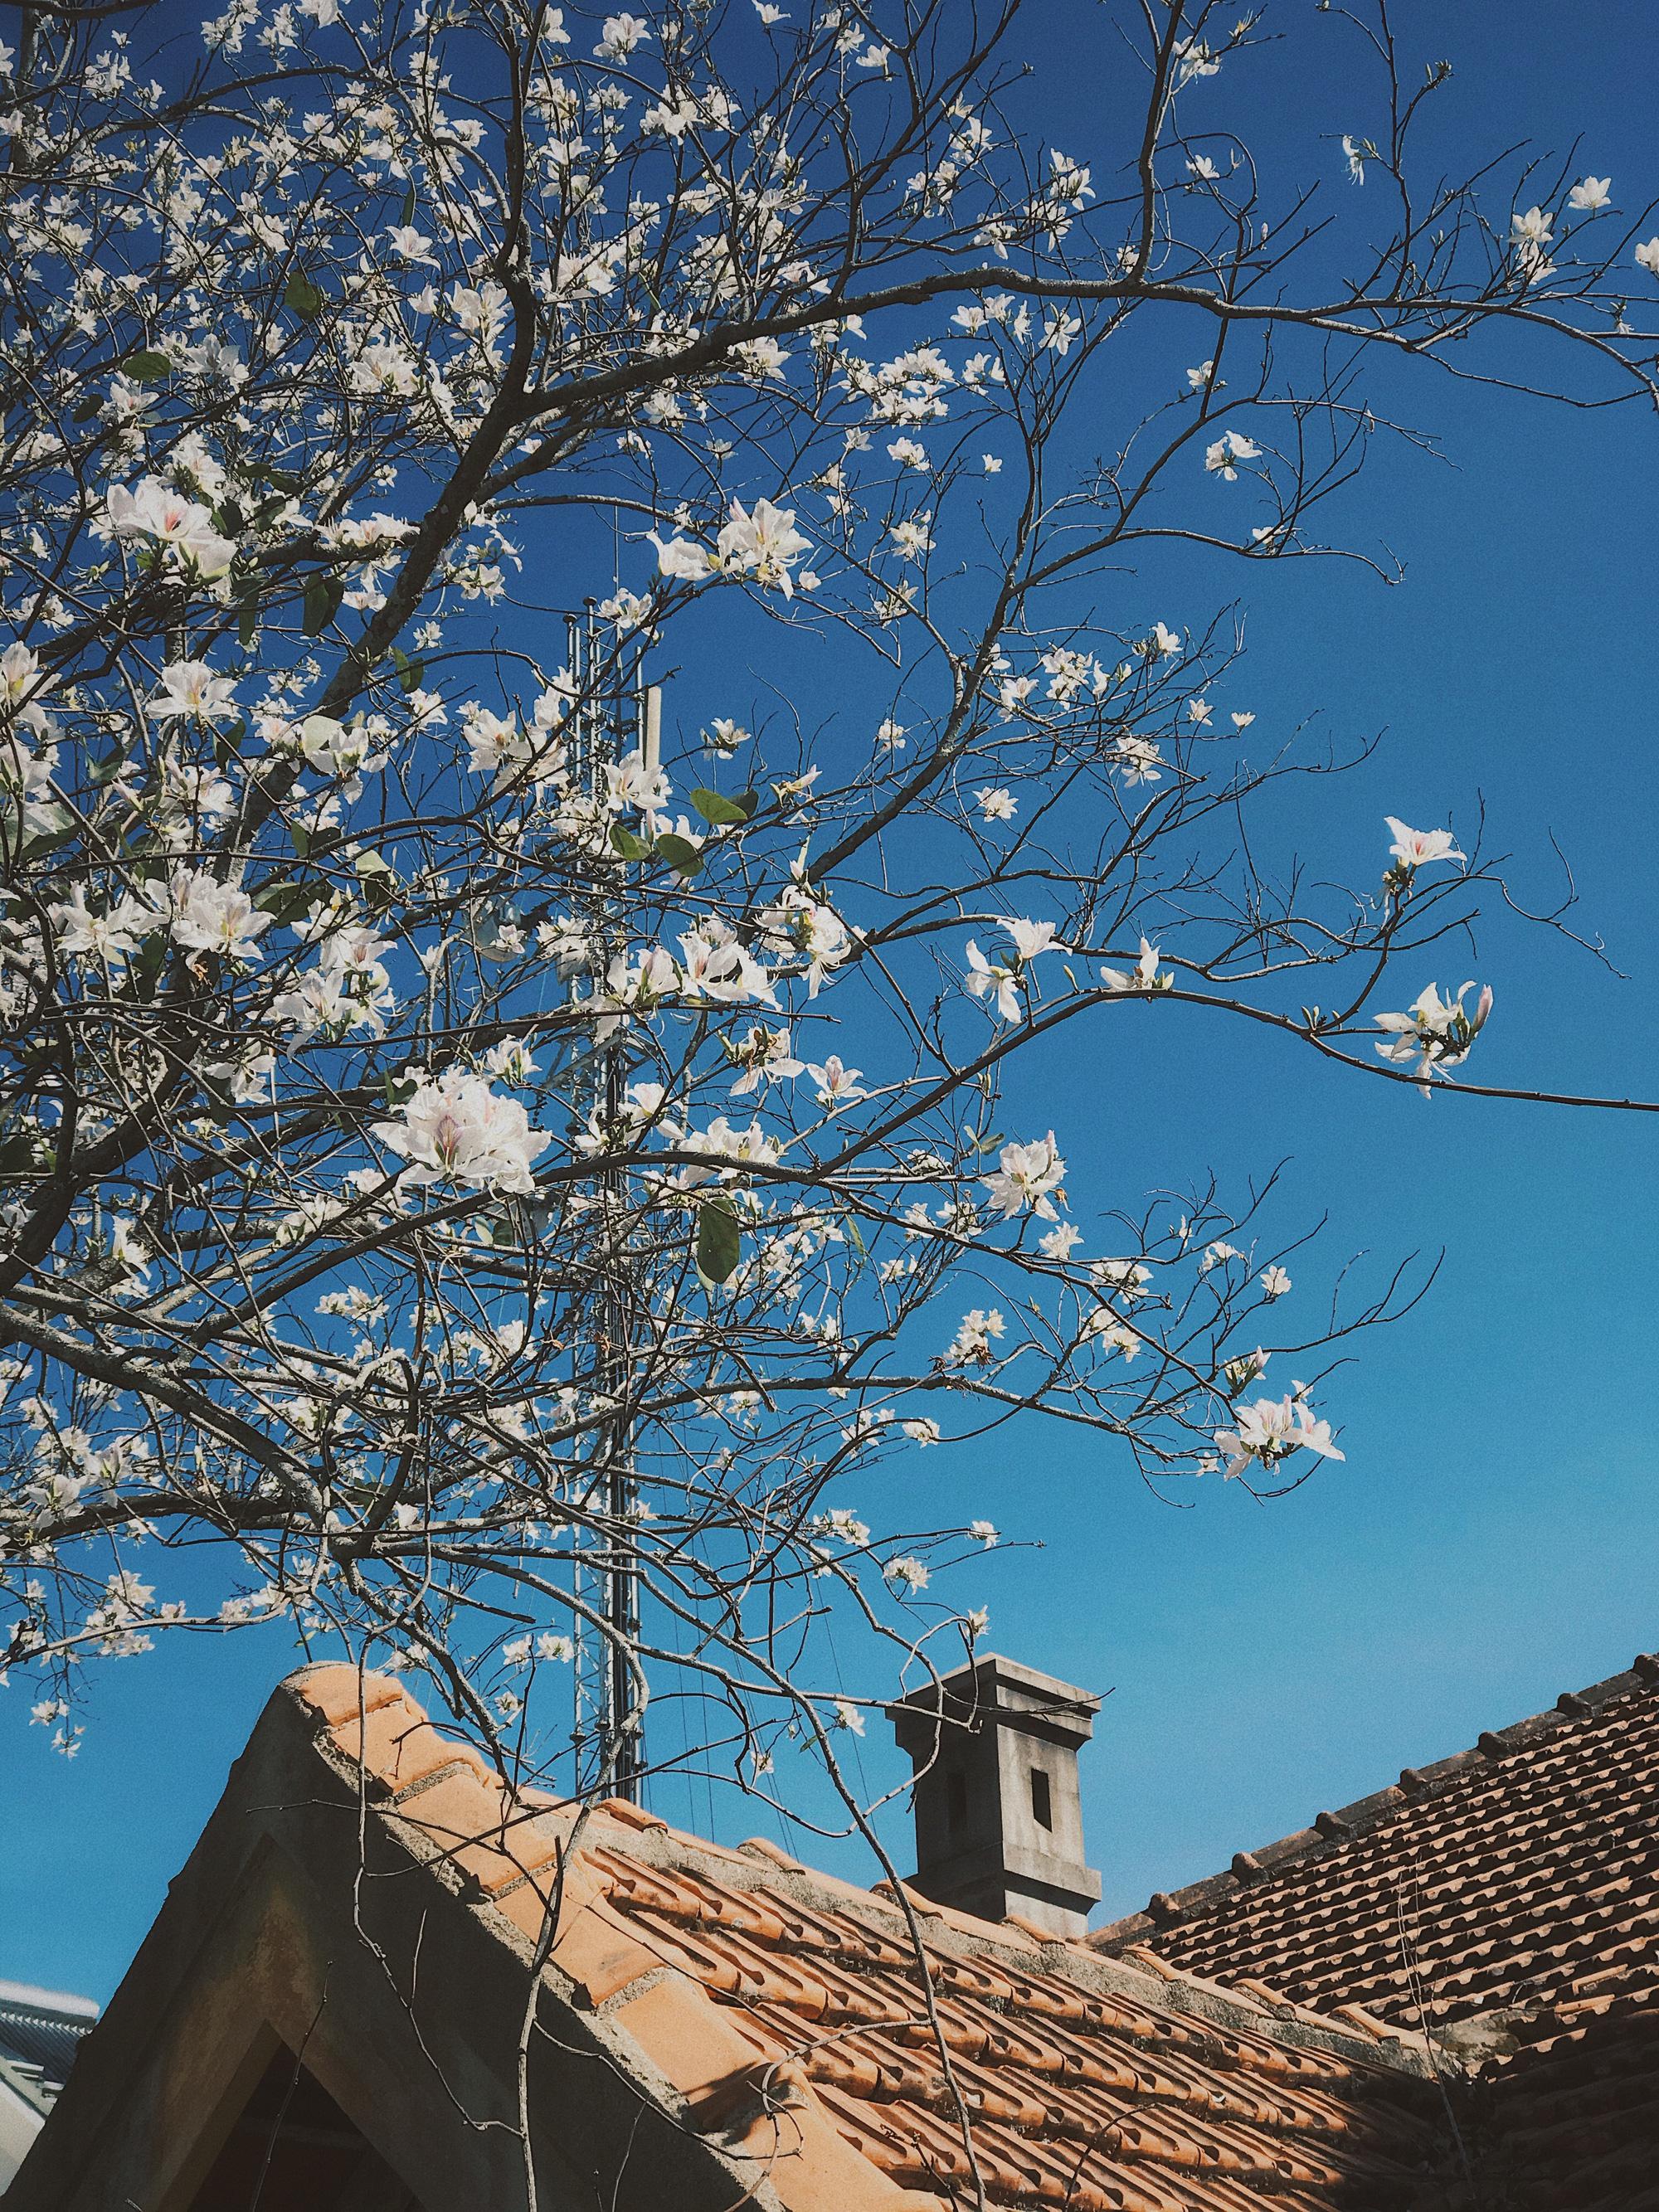 Hoa ban nhuộm trắng những góc phố Đà Lạt ngày cận Tết Nguyên đán - Ảnh 1.